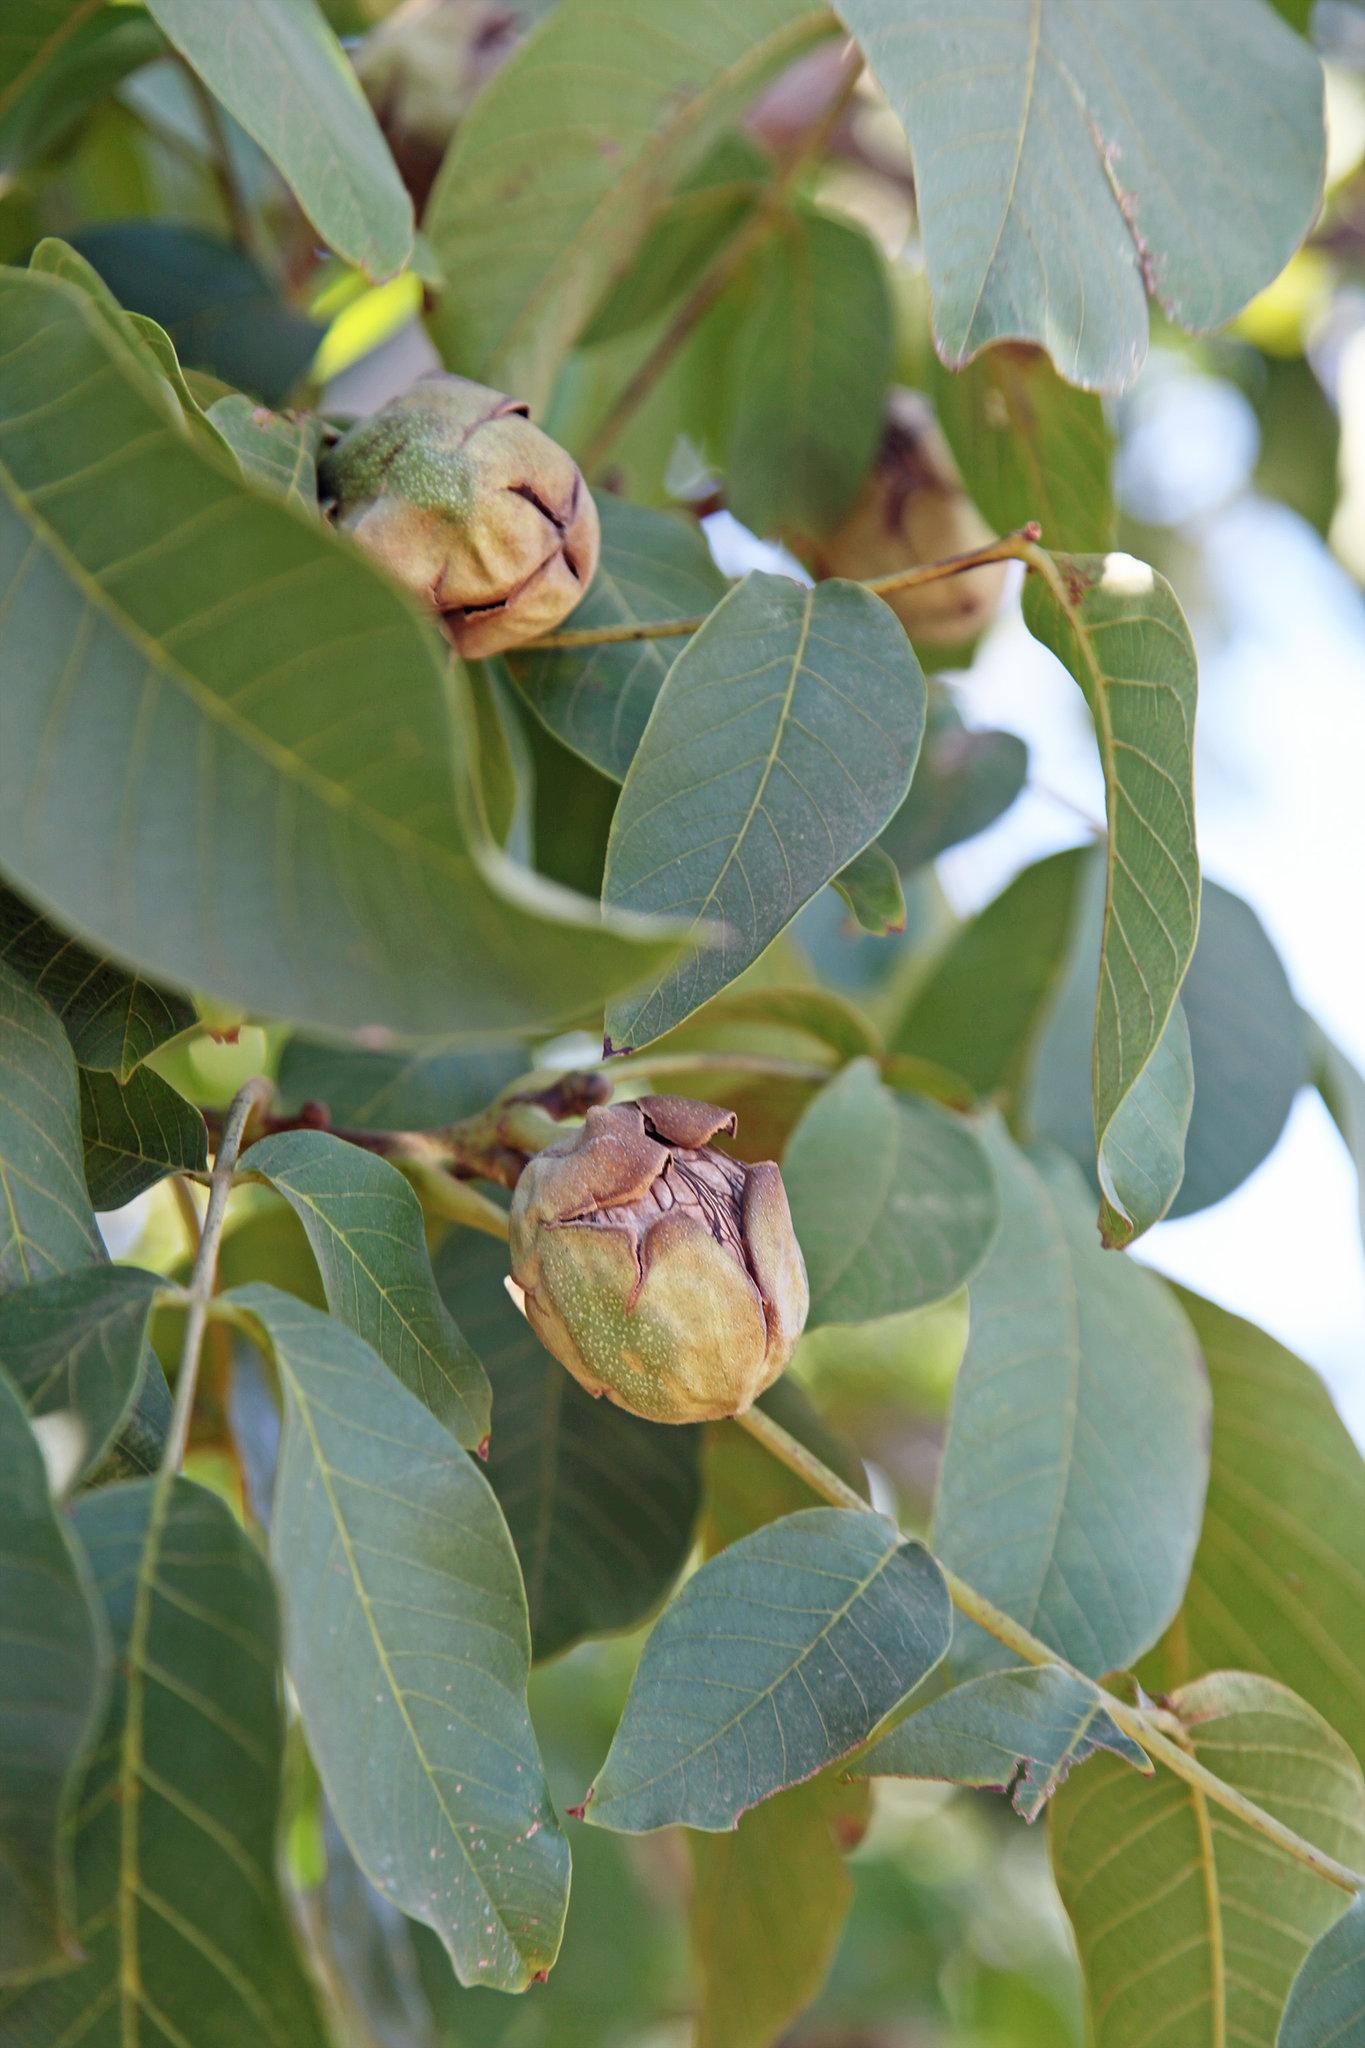 Walnuts on the Tree